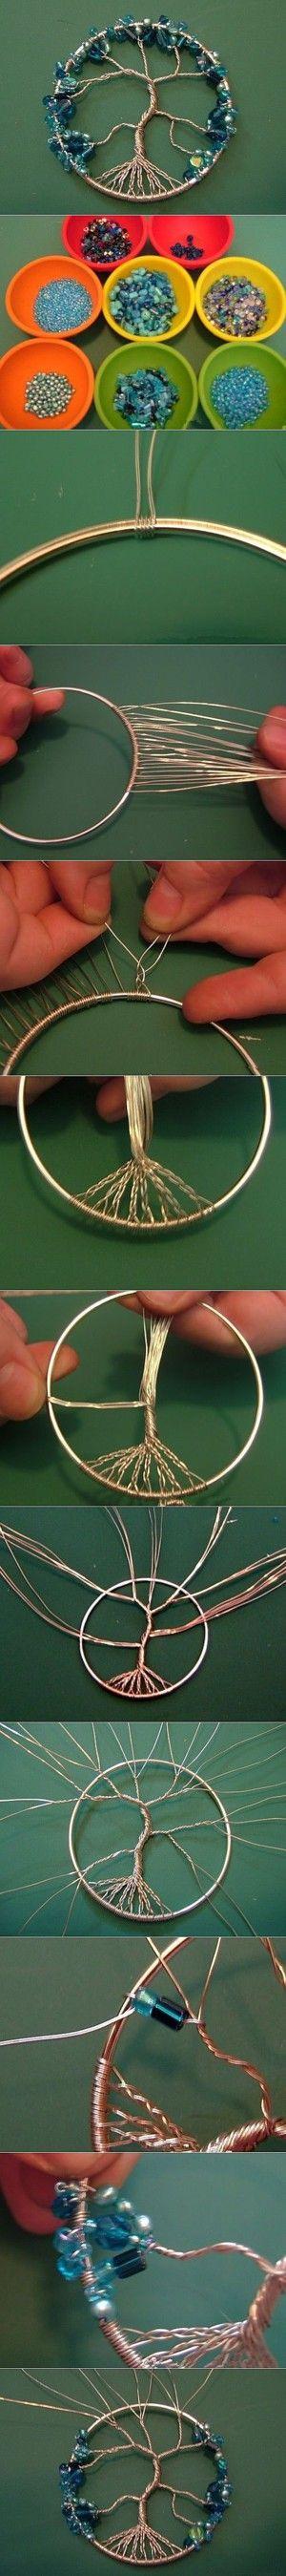 Схемы фенечек прямым плетением - особенности использования схем, фото и видео уроки